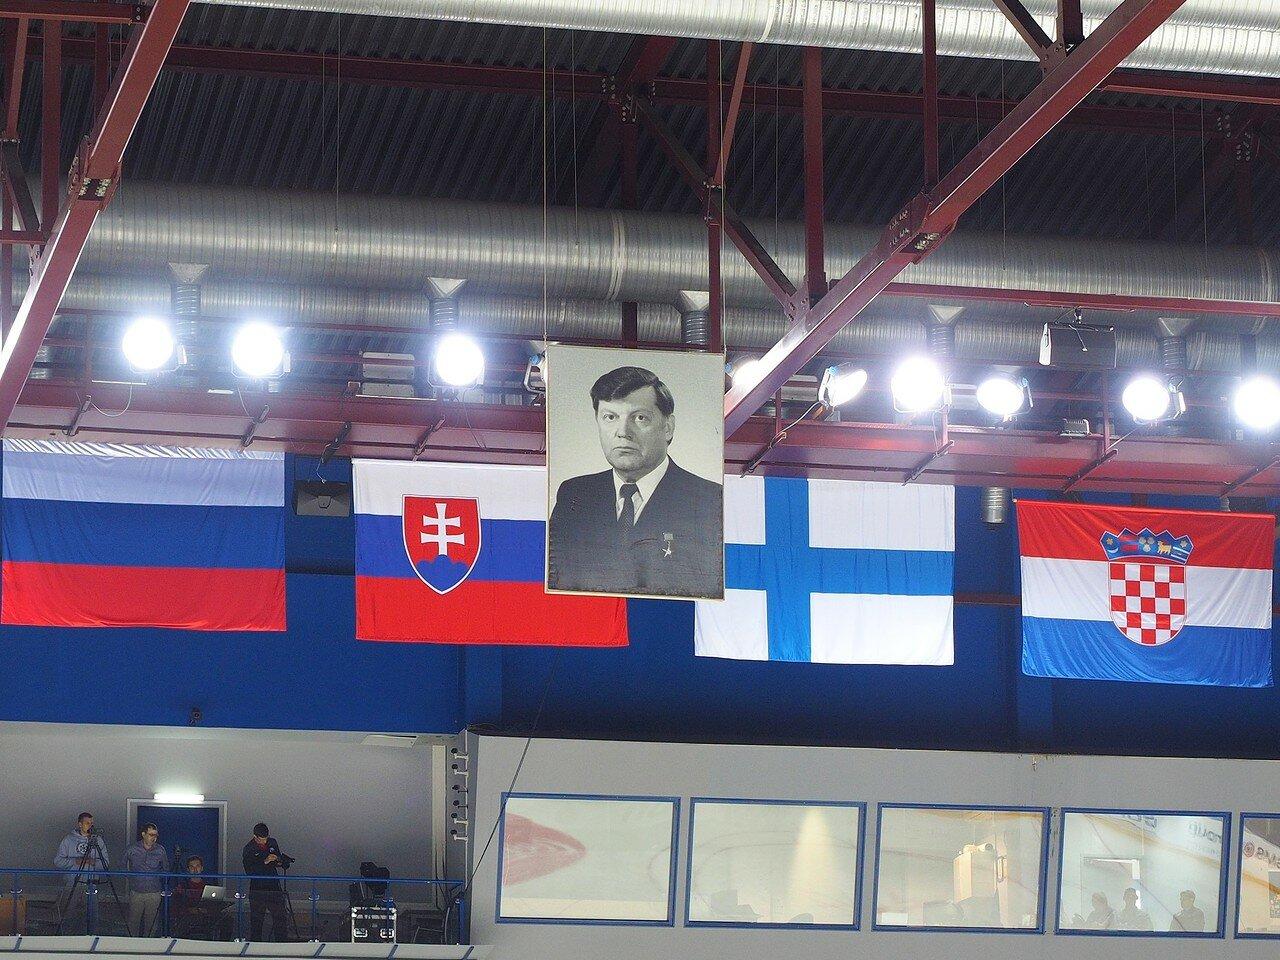 Мемориал Ромазана 2016, Сибирь - Авангард 13.08.2016